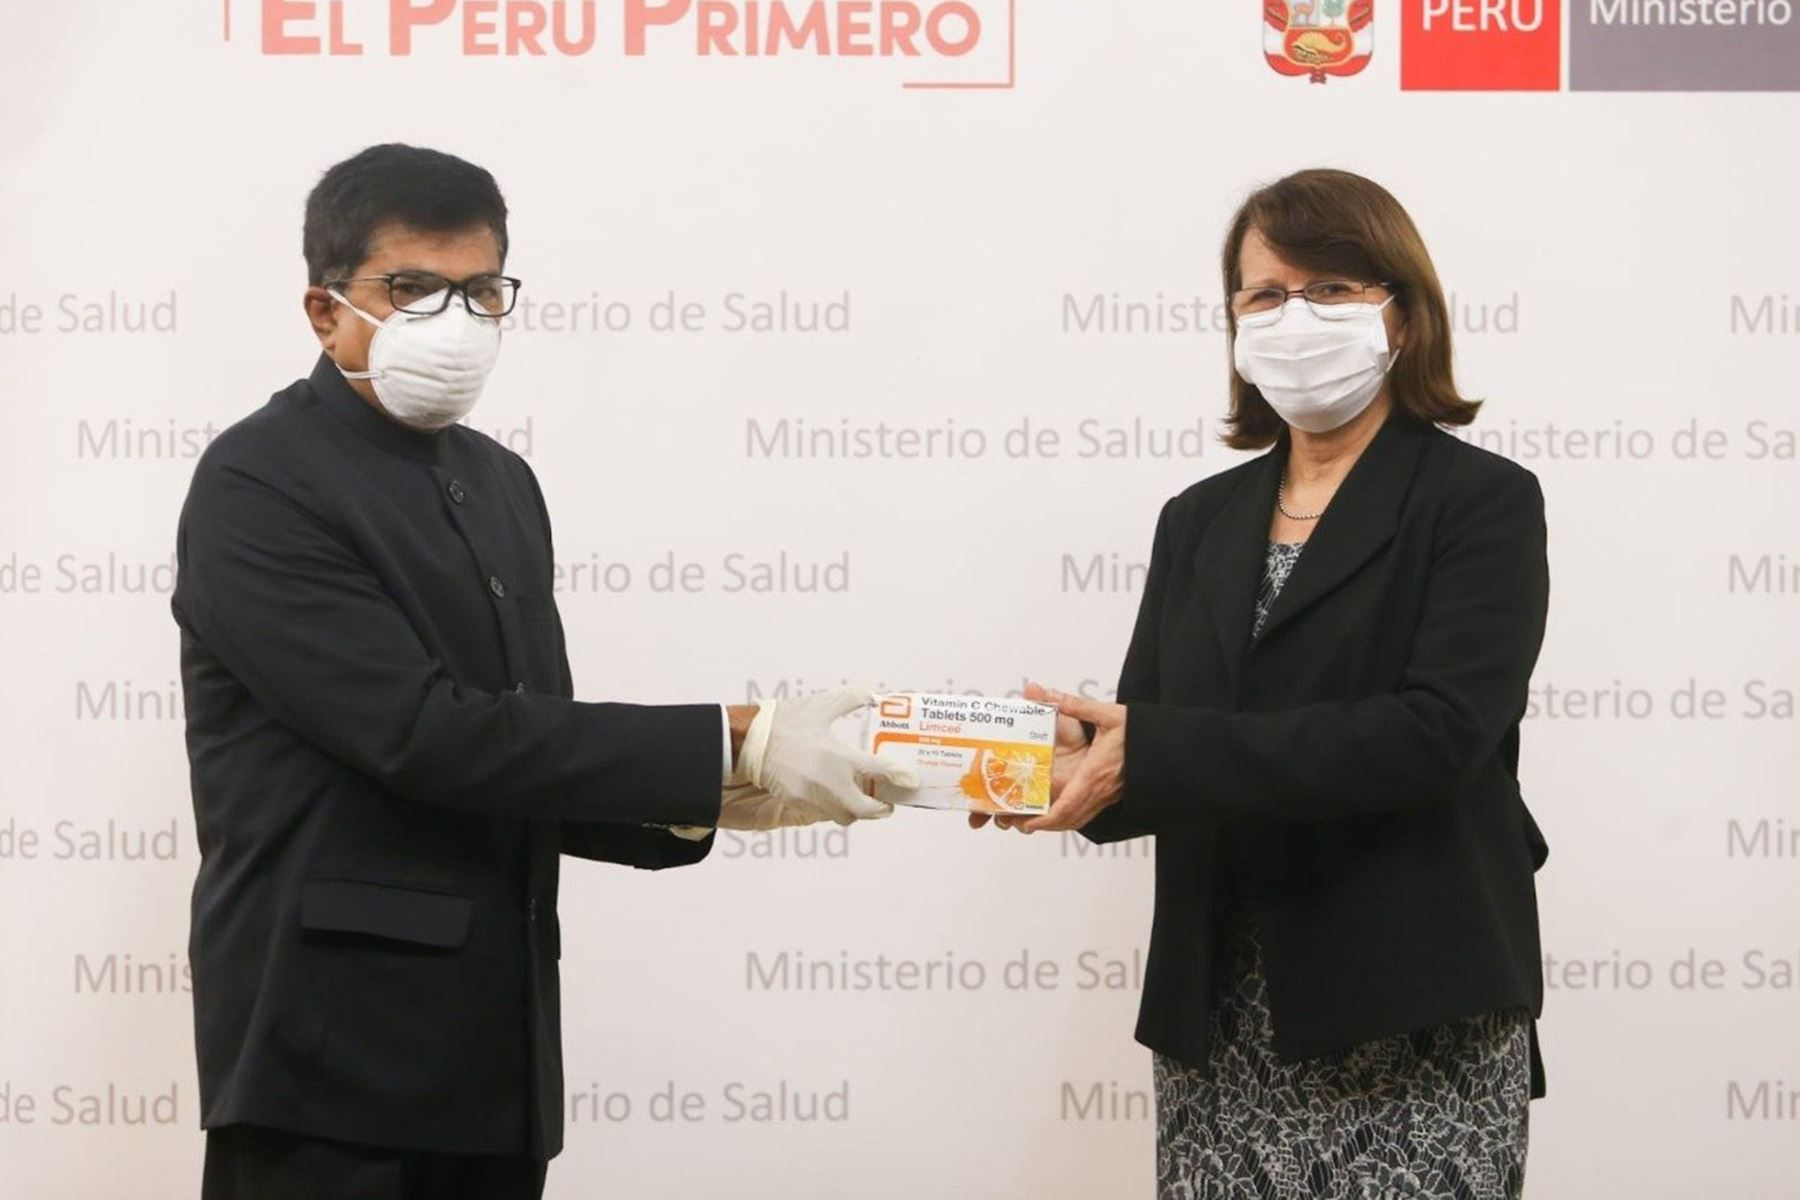 La ministra de Salud ,Pilar Mazzetti sostuvo una reunión con el embajador de la India en el Perú, Mandarapu Subbarayudu. Ambos participaron en la entrega de más de 1 400 000 medicamentos y equipos de protección donados por el país asiático para fortalecer la lucha contra el covid -19 en  Perú. Foto: Minsa